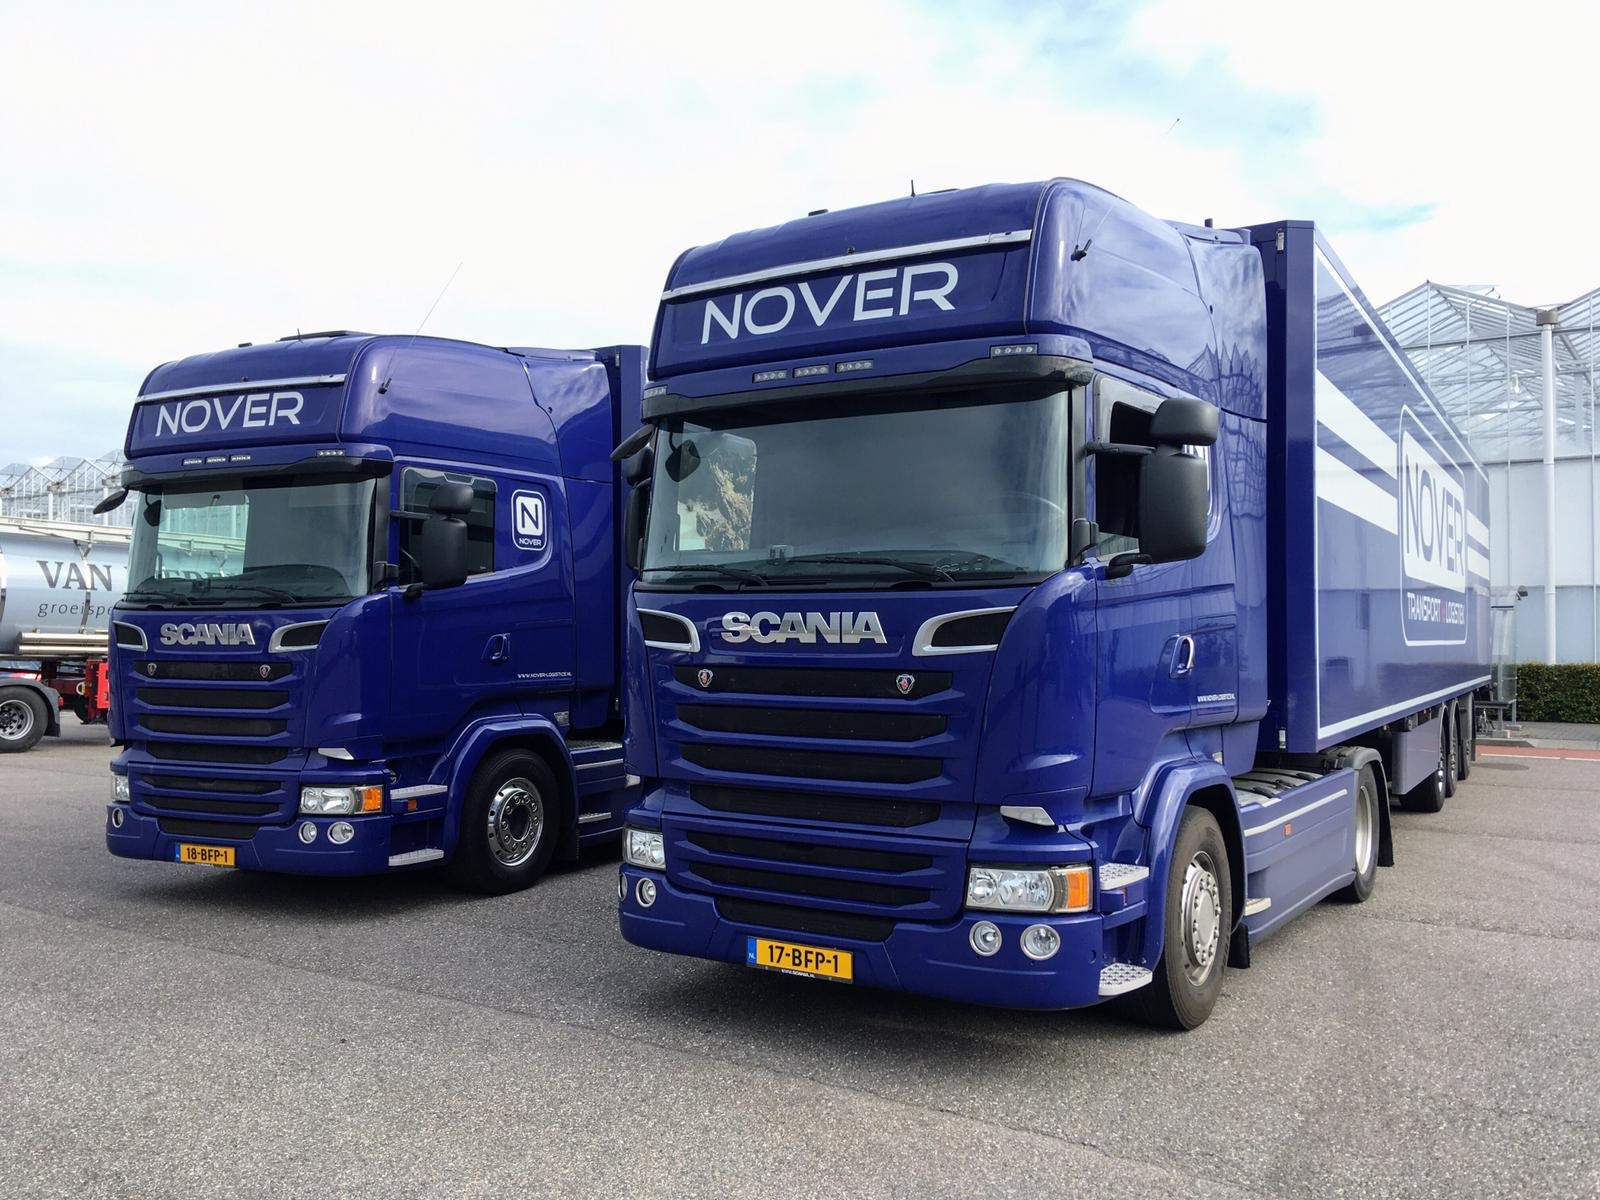 Nover-vrachtwagen-Scania